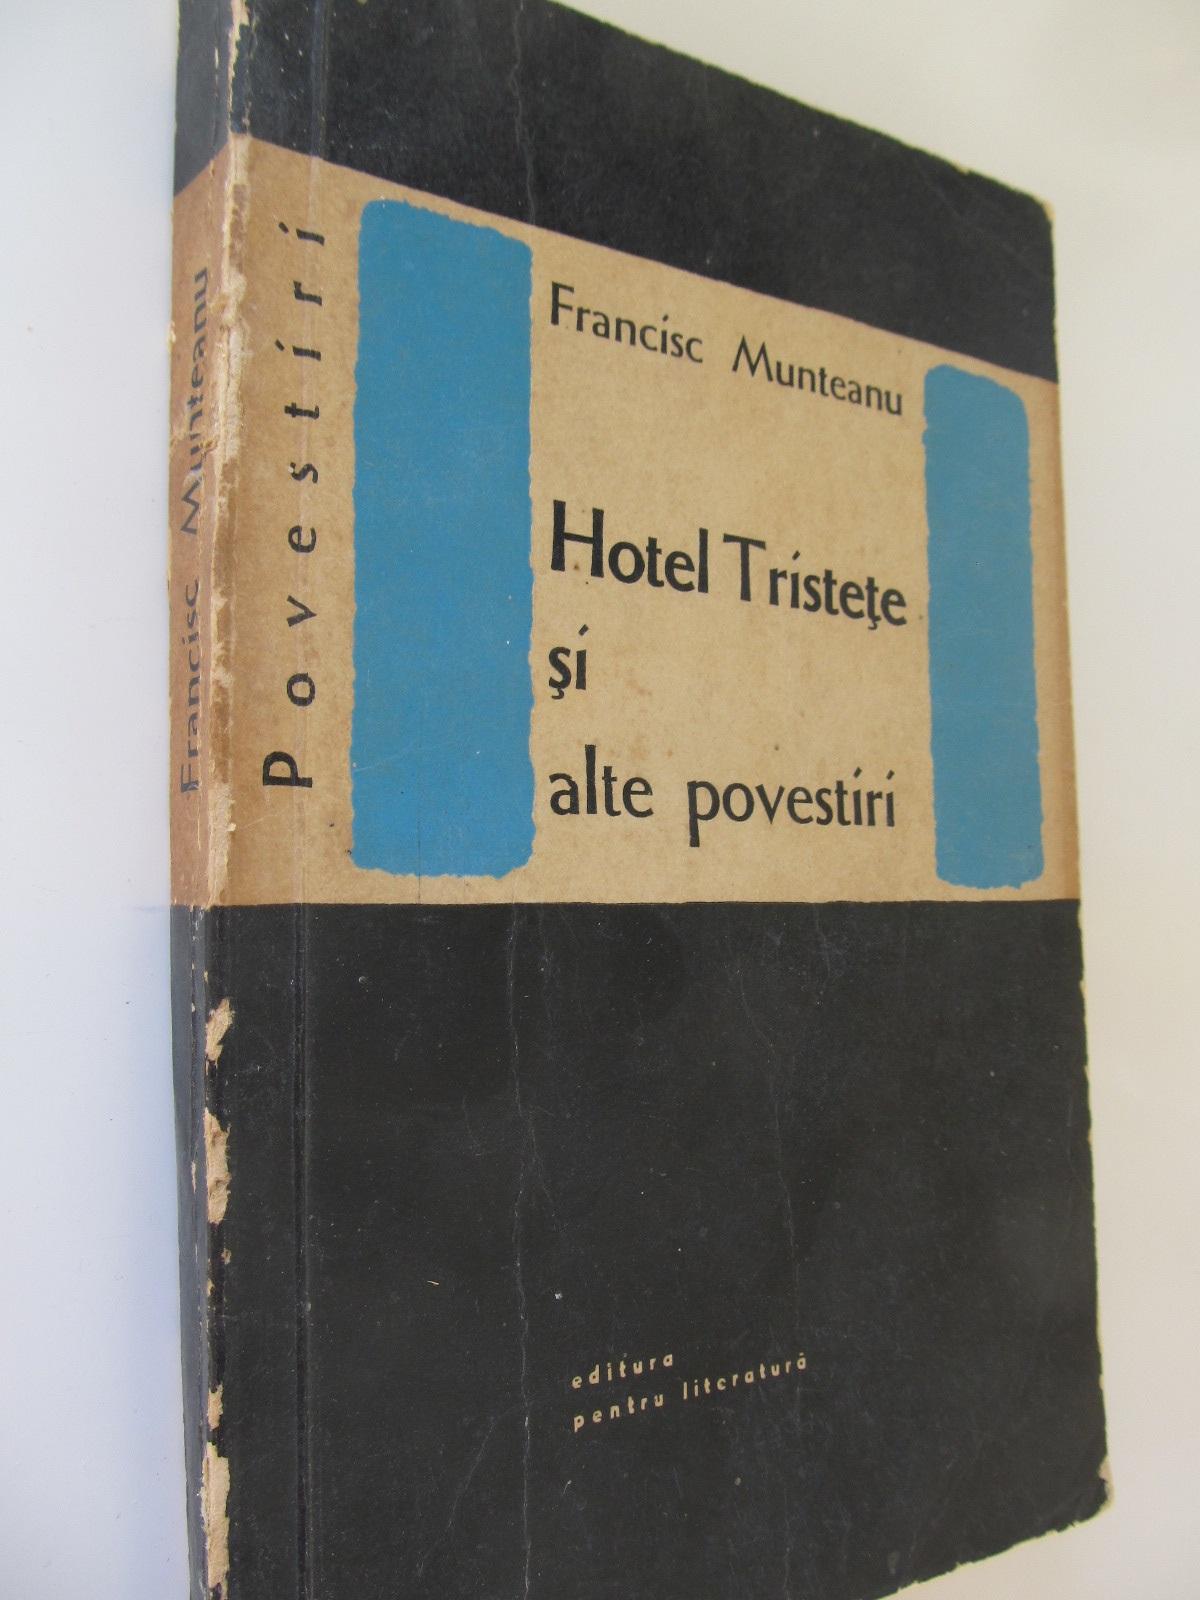 Hotel Tristete si alte povestiri - Francisc Munteanu | Detalii carte